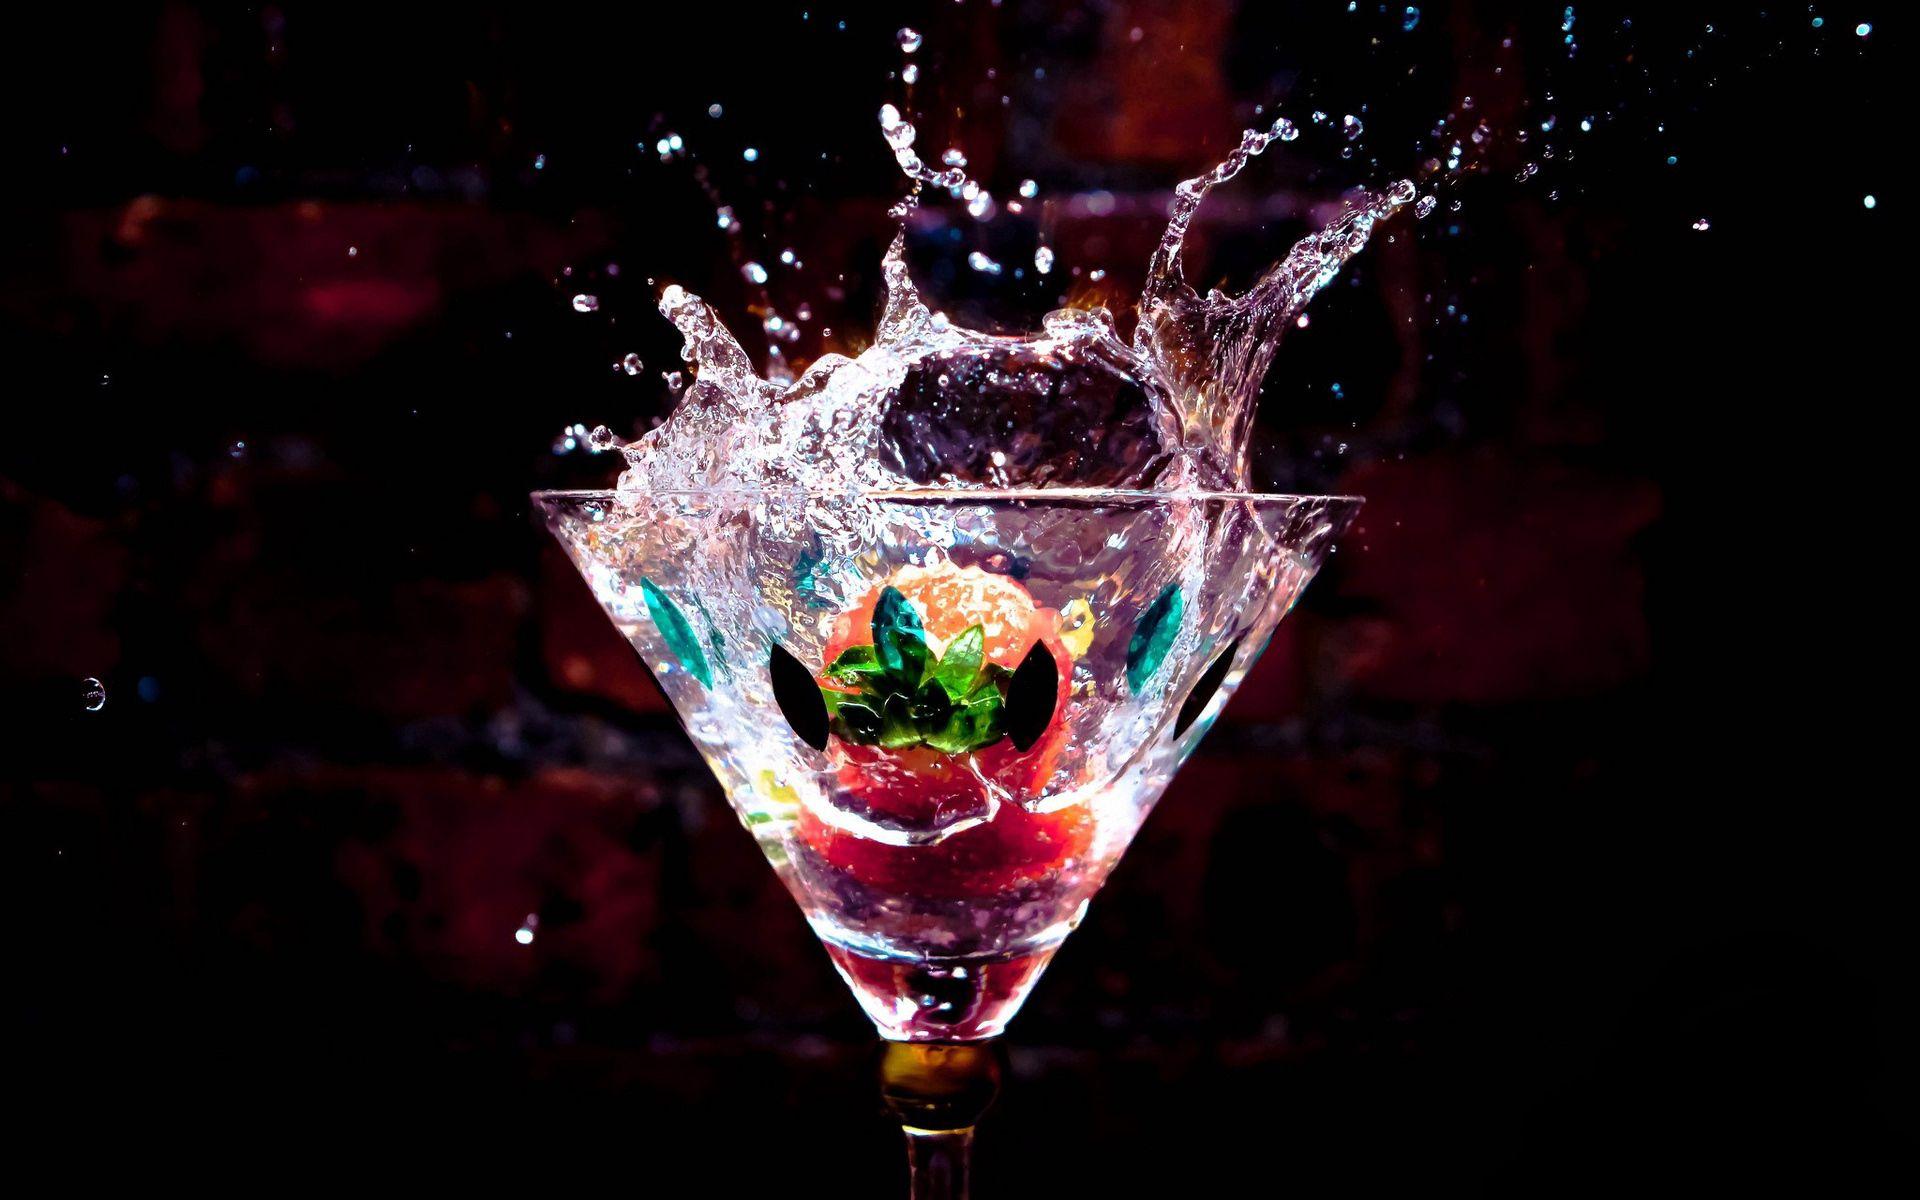 107779 Hintergrundbild herunterladen Wasser, Lebensmittel, Getränke, Drops, Flüssigkeit, Trinken, Weinglas, Goblet - Bildschirmschoner und Bilder kostenlos